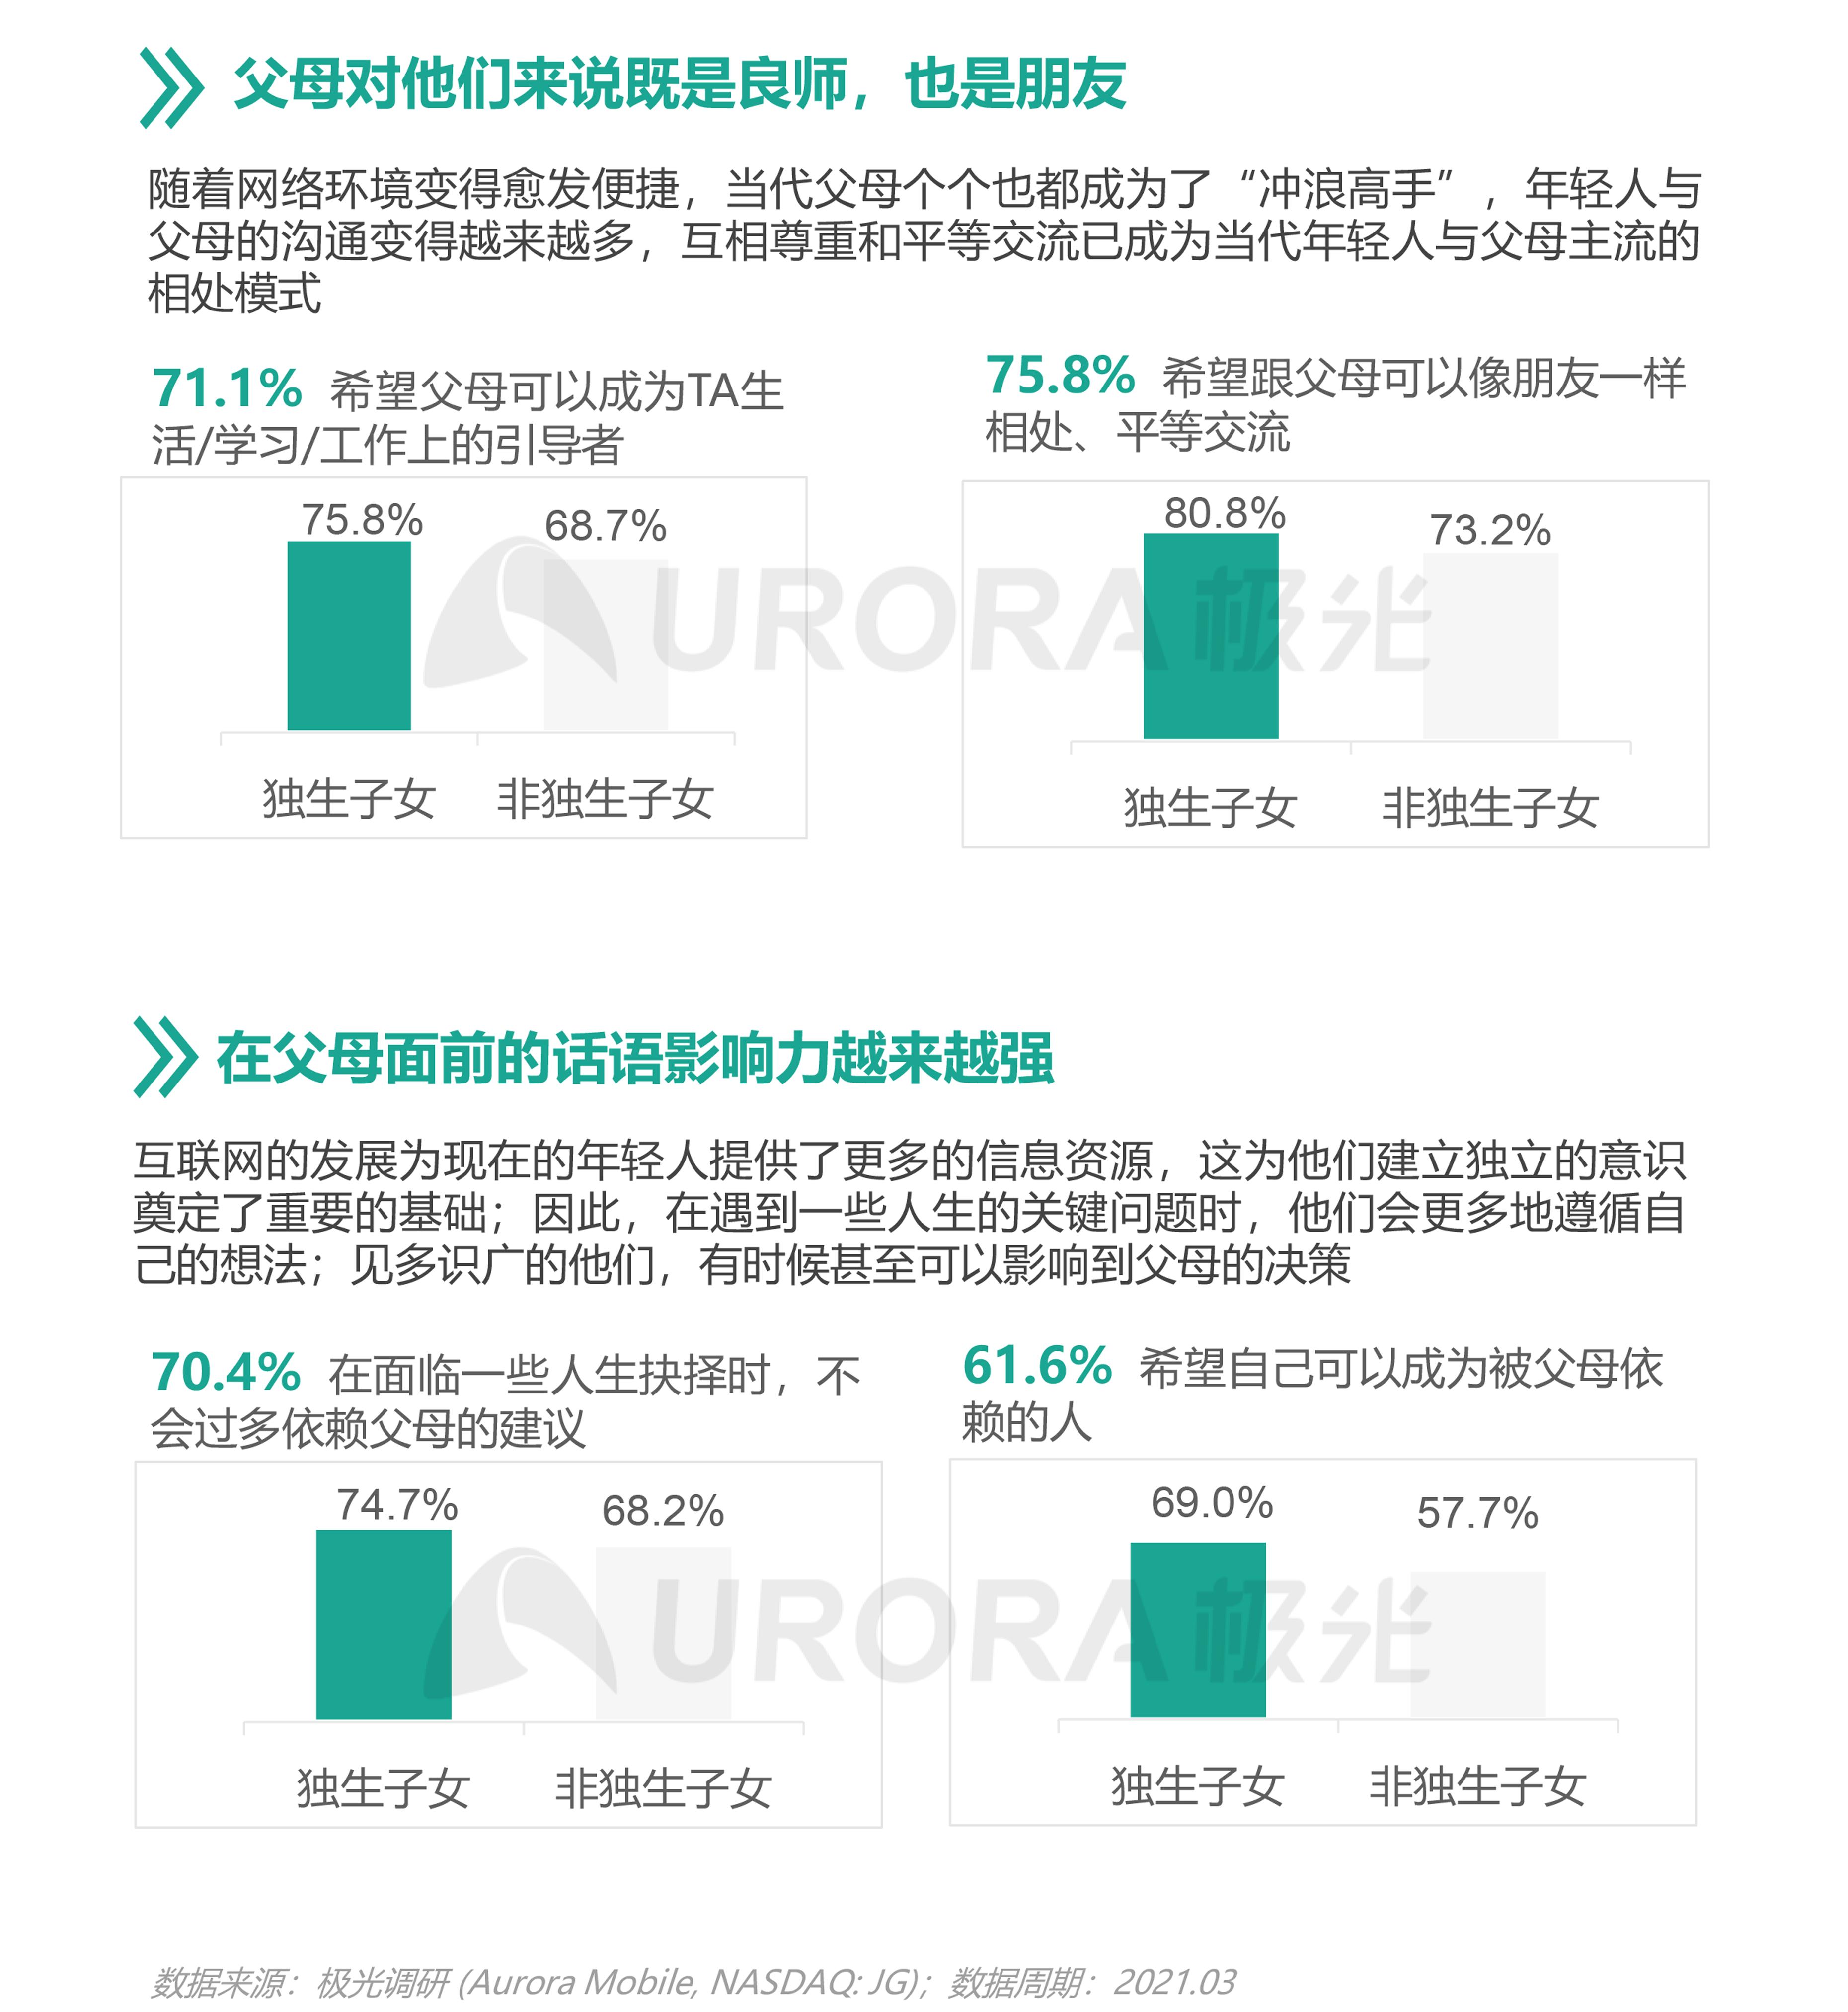 2021年轻人营销趋势研究报告【定稿】-11.png